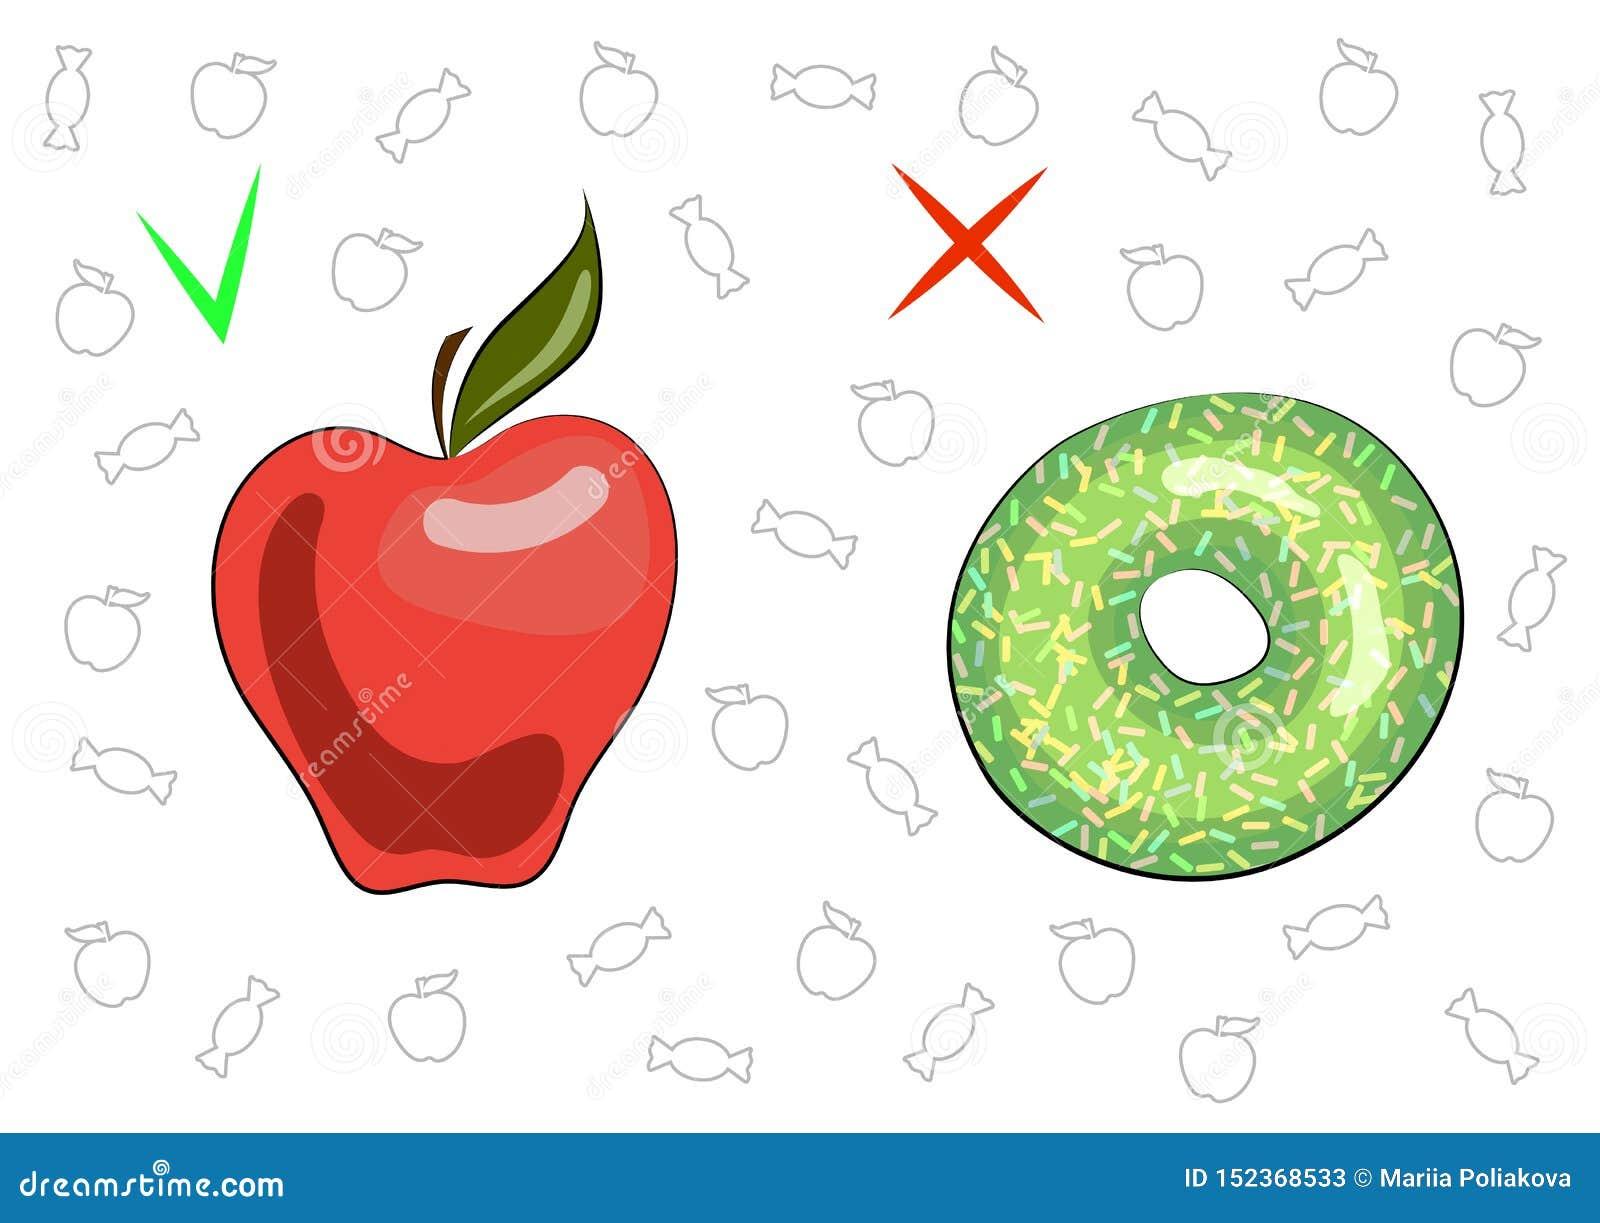 Le concept de la nourriture saine et n?faste Pomme savoureuse juteuse et beignet doux Les avantages et le mal de la nourriture Fr